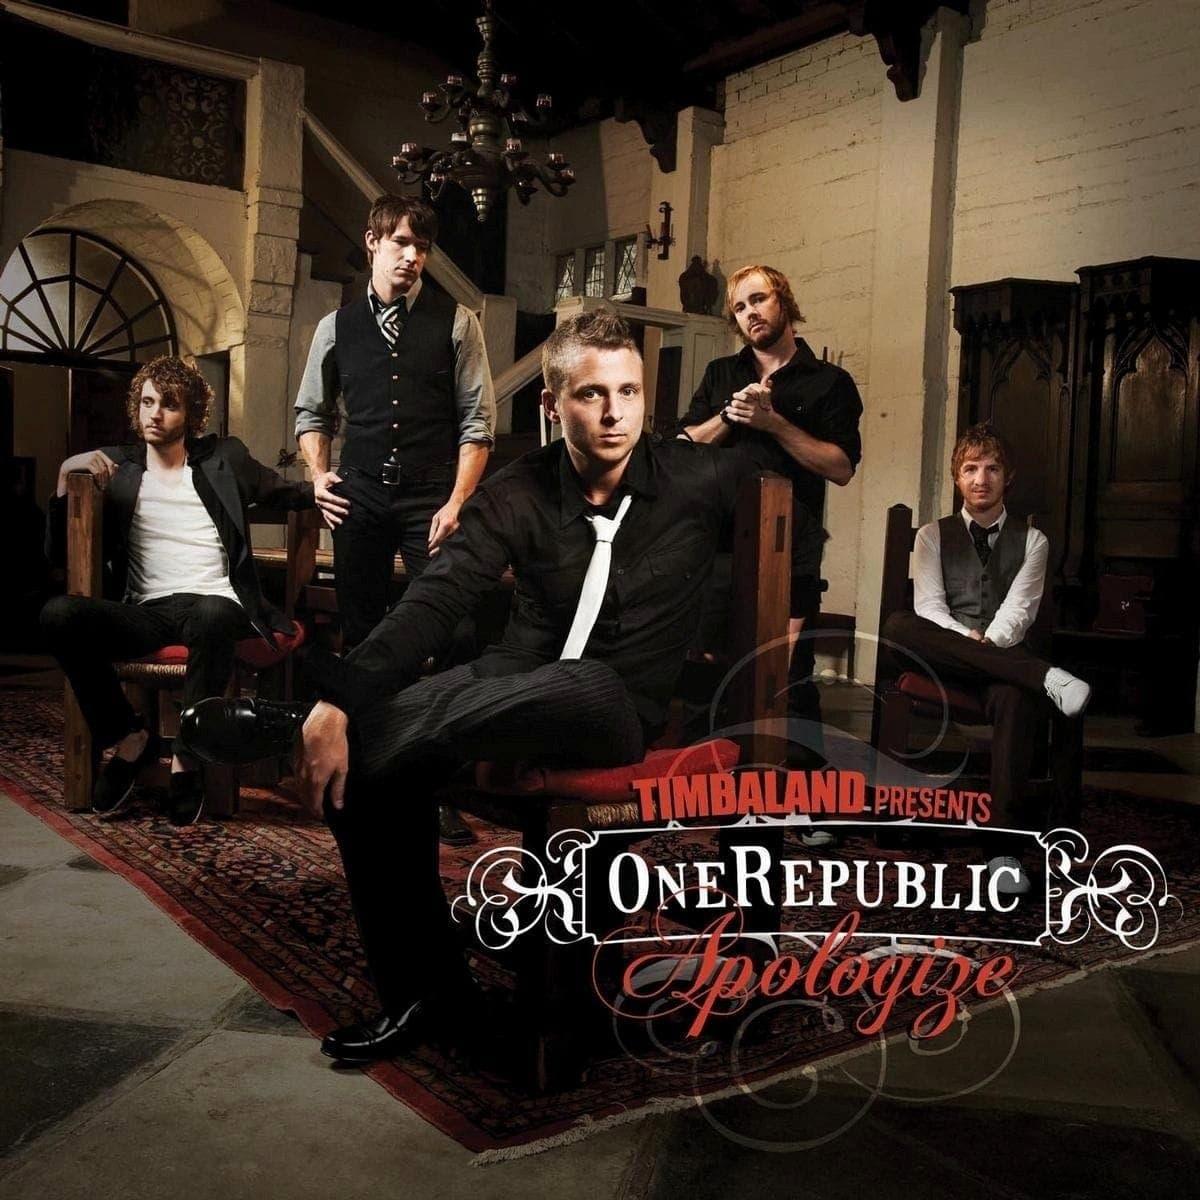 Apologize - Timbaland & OneRepublic